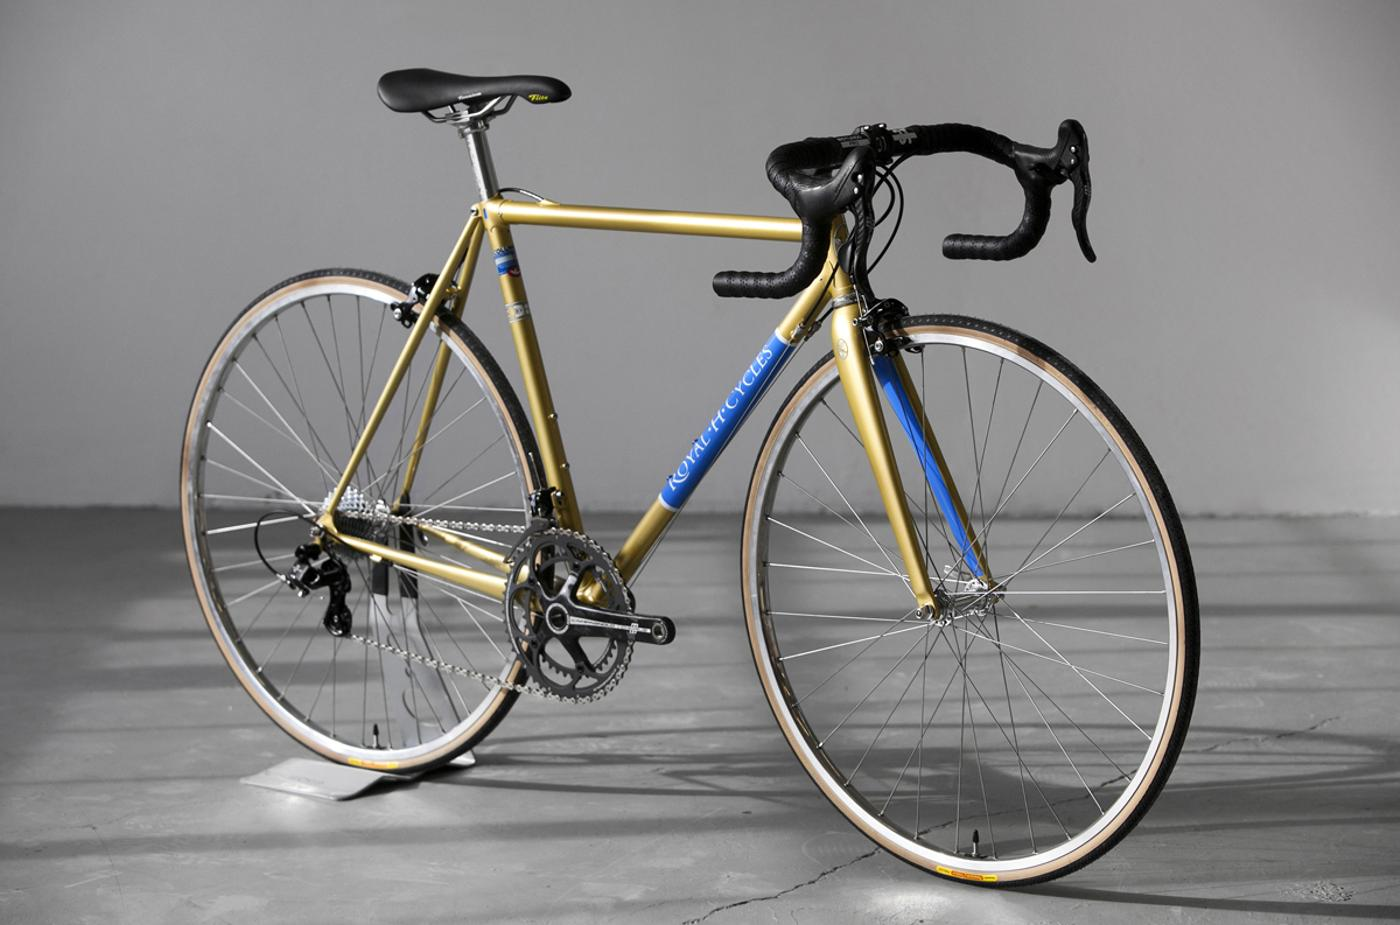 Royal H Frames: A Road Bike's Road Bike